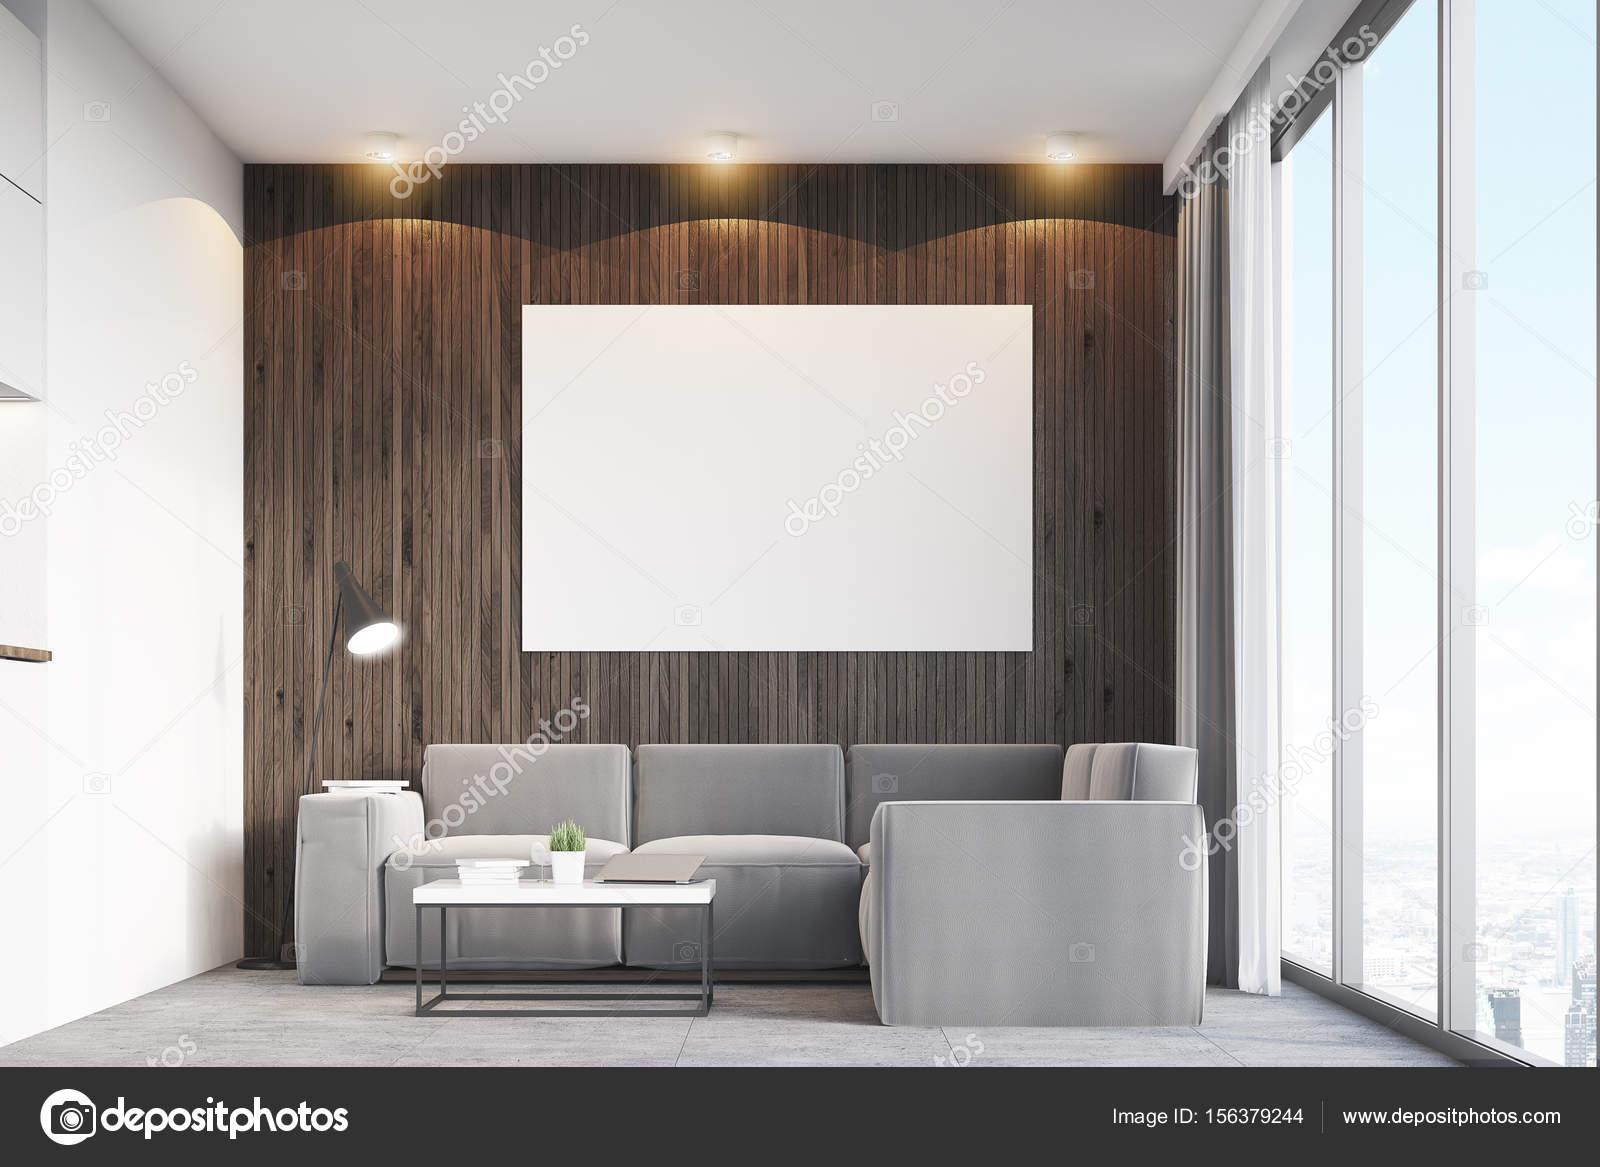 Dunkles Holz Wohnzimmer Und Poster U2014 Stockfoto